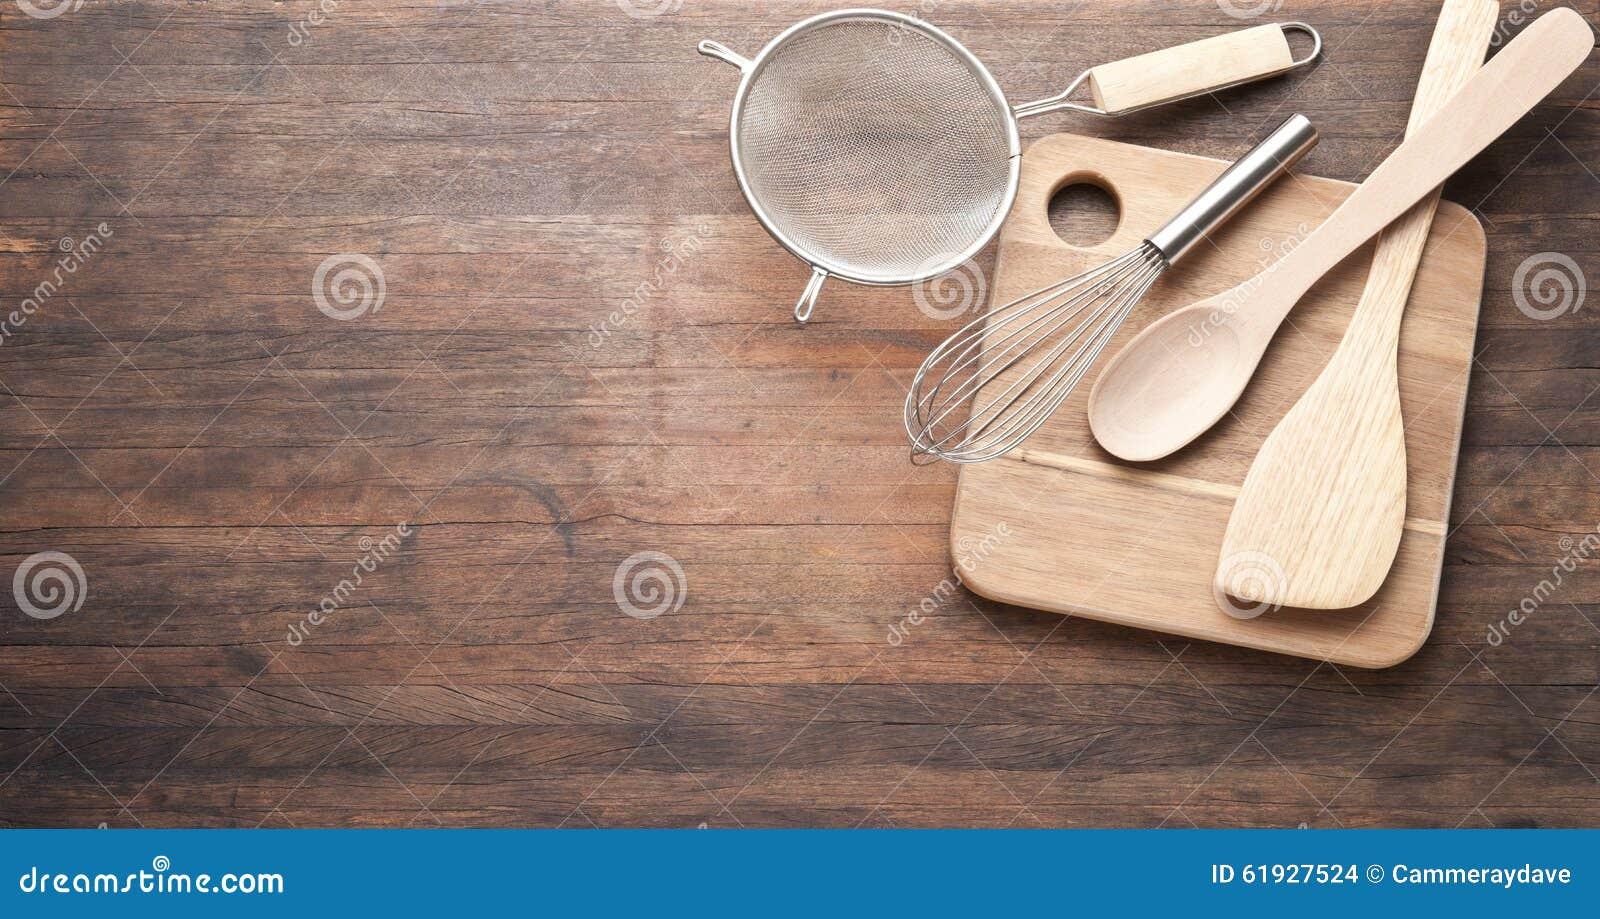 Fondo de madera de utensilios de cocinar